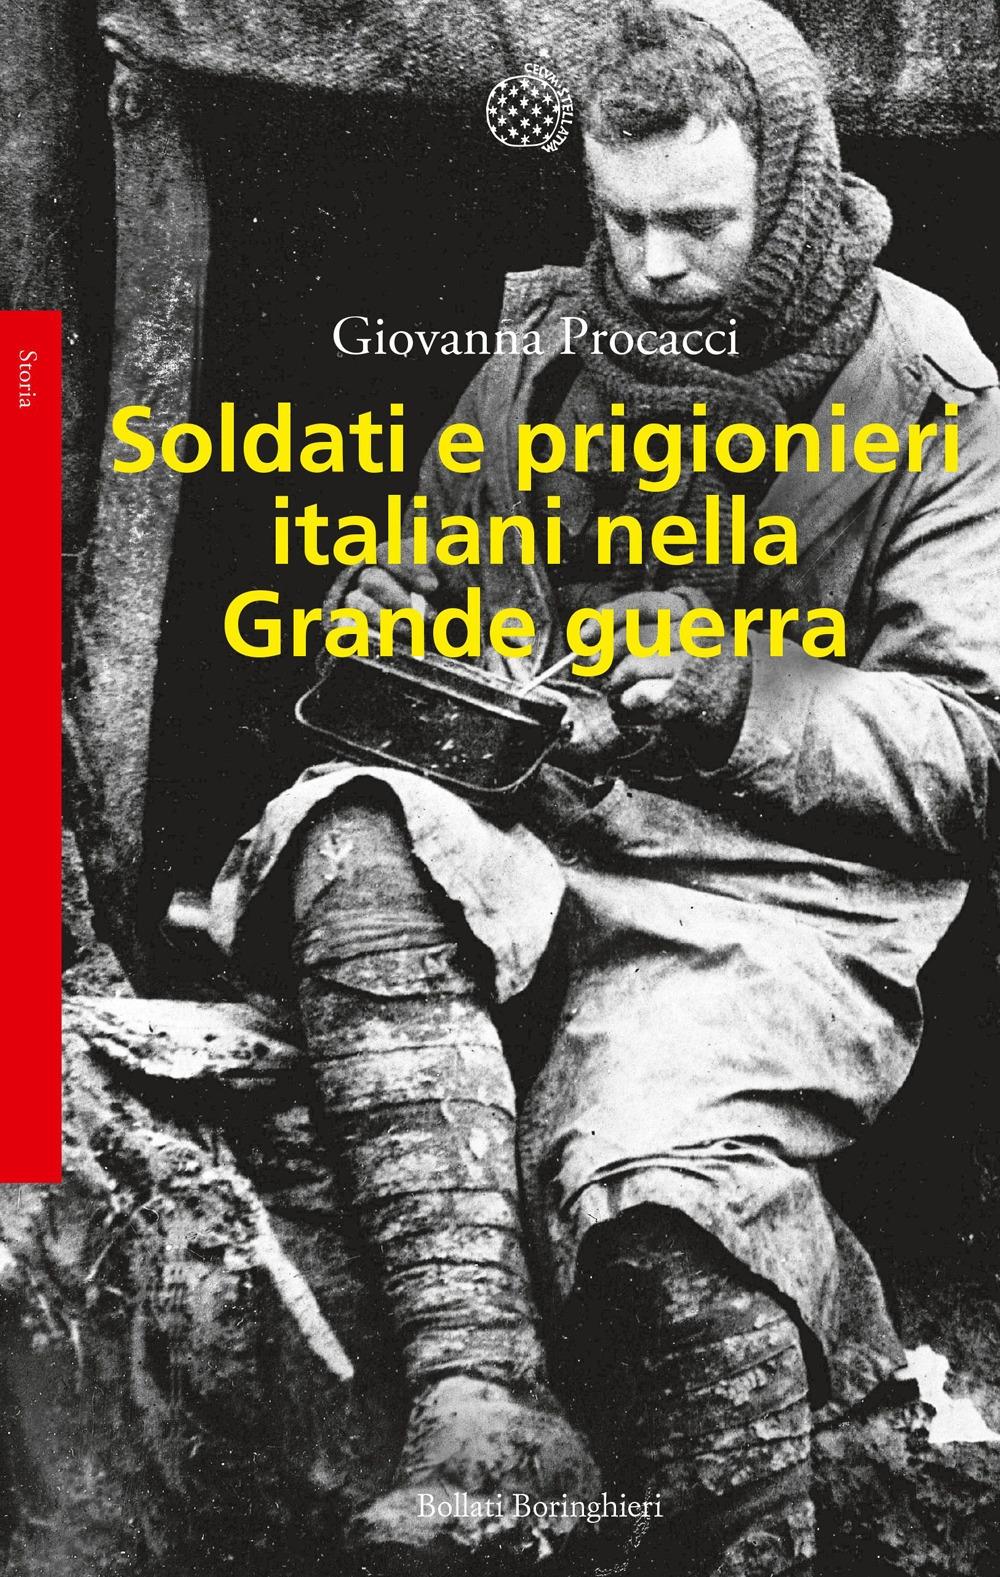 Soldati e prigionieri italiani nella grande guerra.